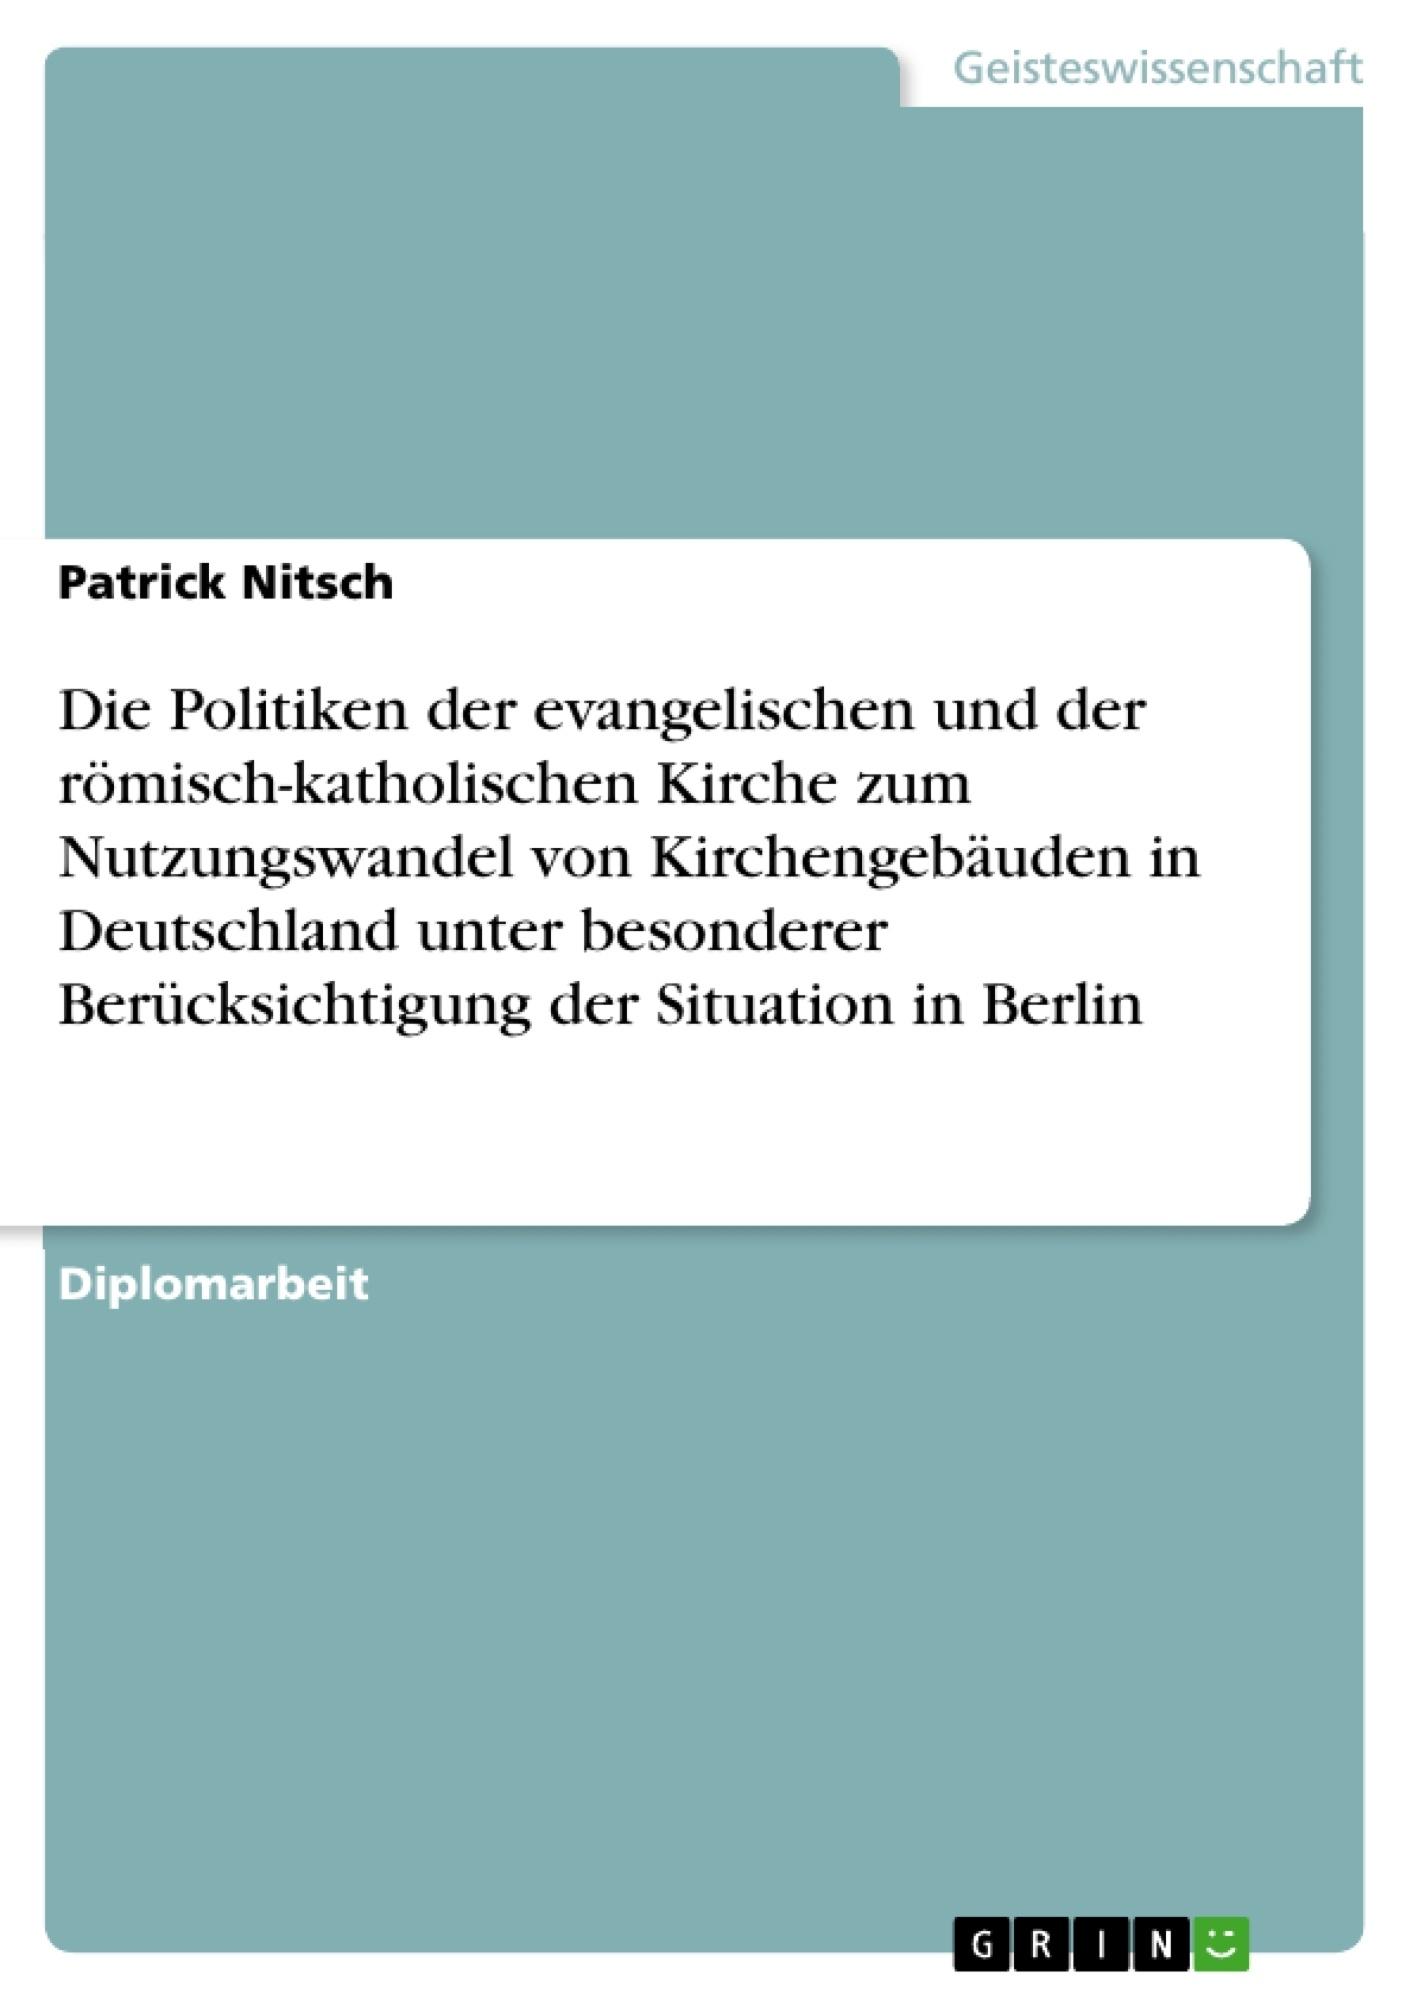 Titel: Die Politiken der evangelischen und der römisch-katholischen Kirche zum Nutzungswandel von Kirchengebäuden in Deutschland unter besonderer Berücksichtigung der Situation in Berlin